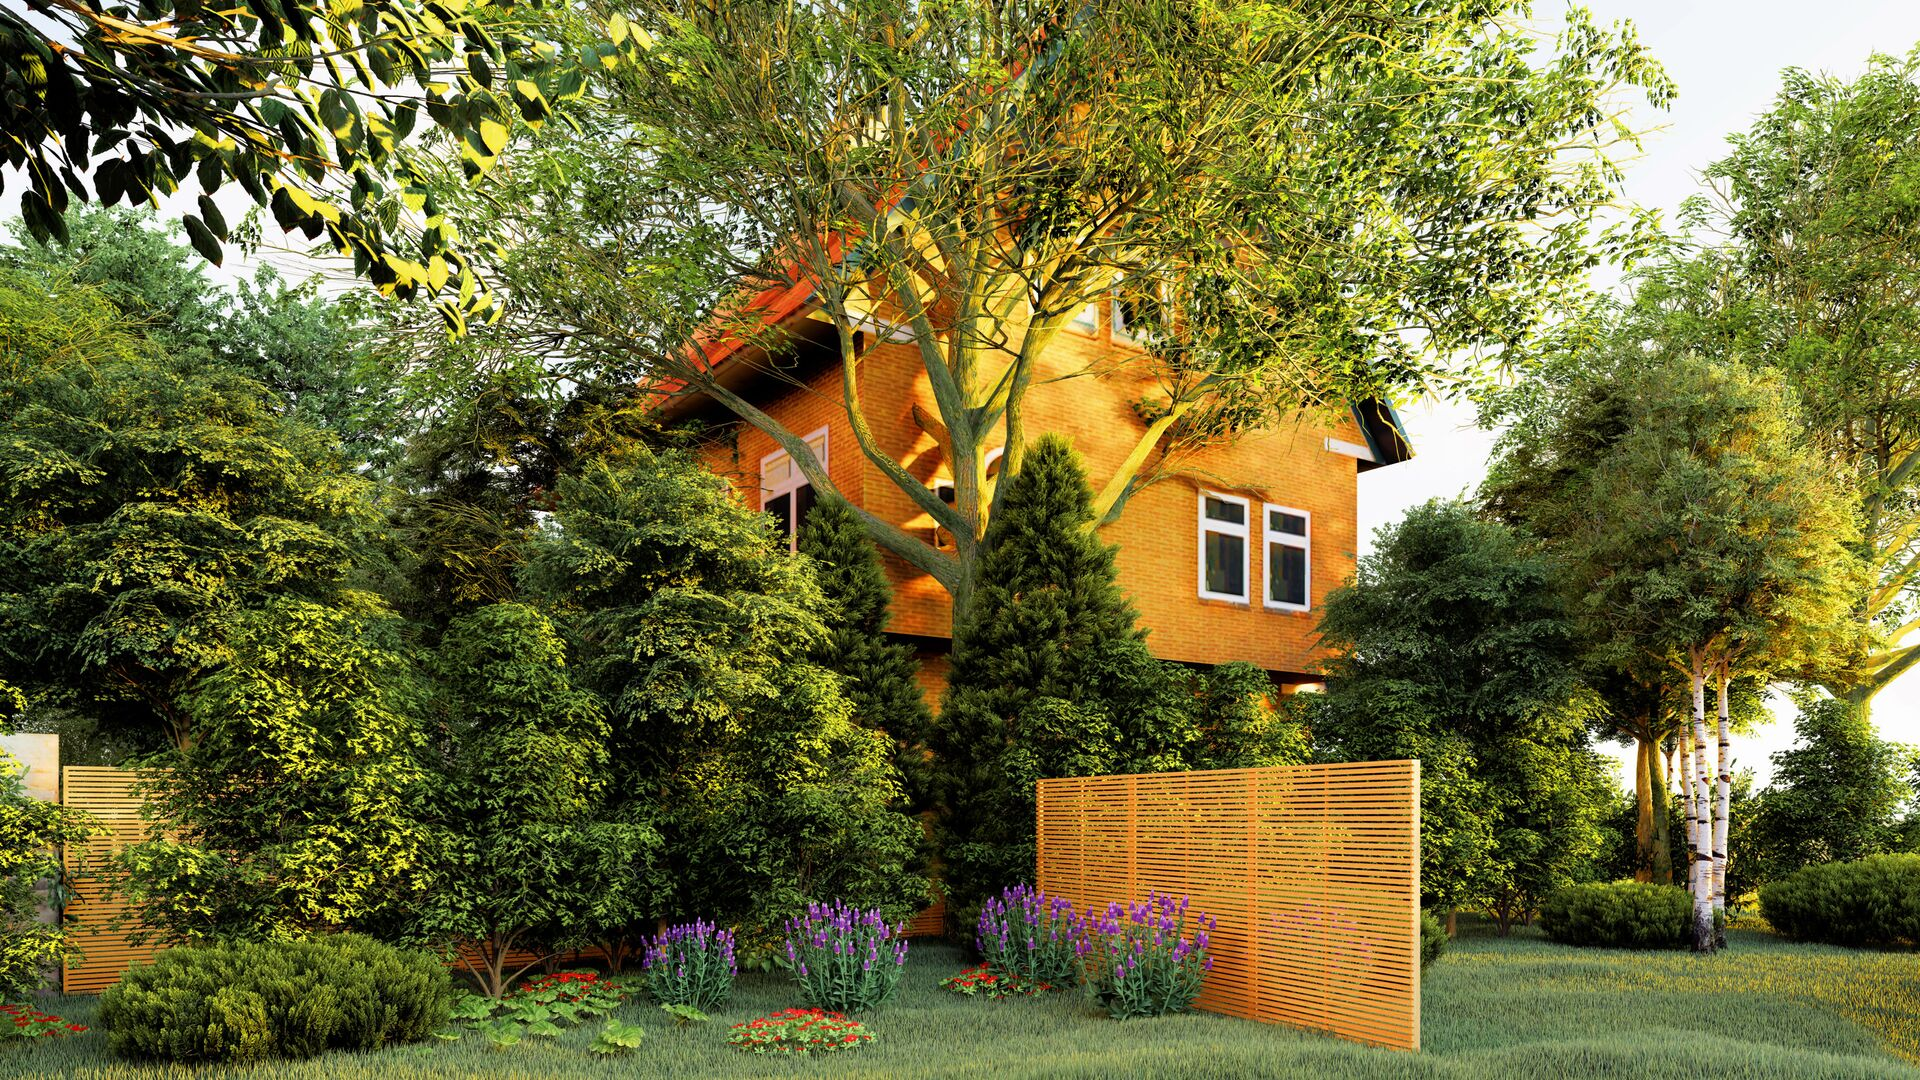 Casa privata con il giardino - Sputnik Italia, 1920, 20.09.2021